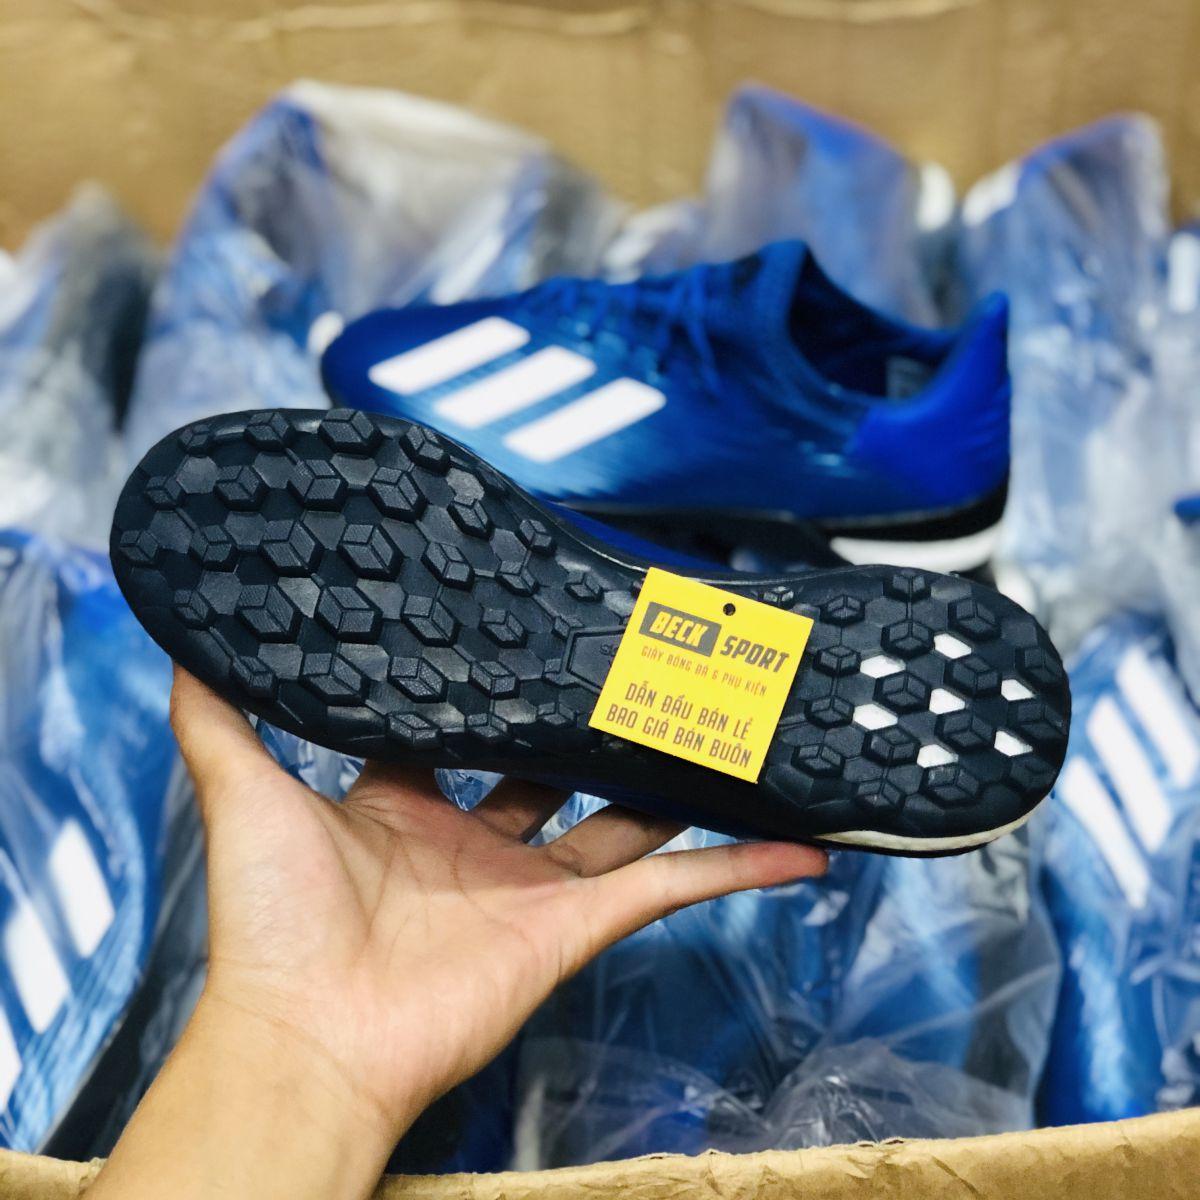 Giày Bóng Đá Adidas X 19.1 Xanh Biển vạch Trắng Đế Đen TF